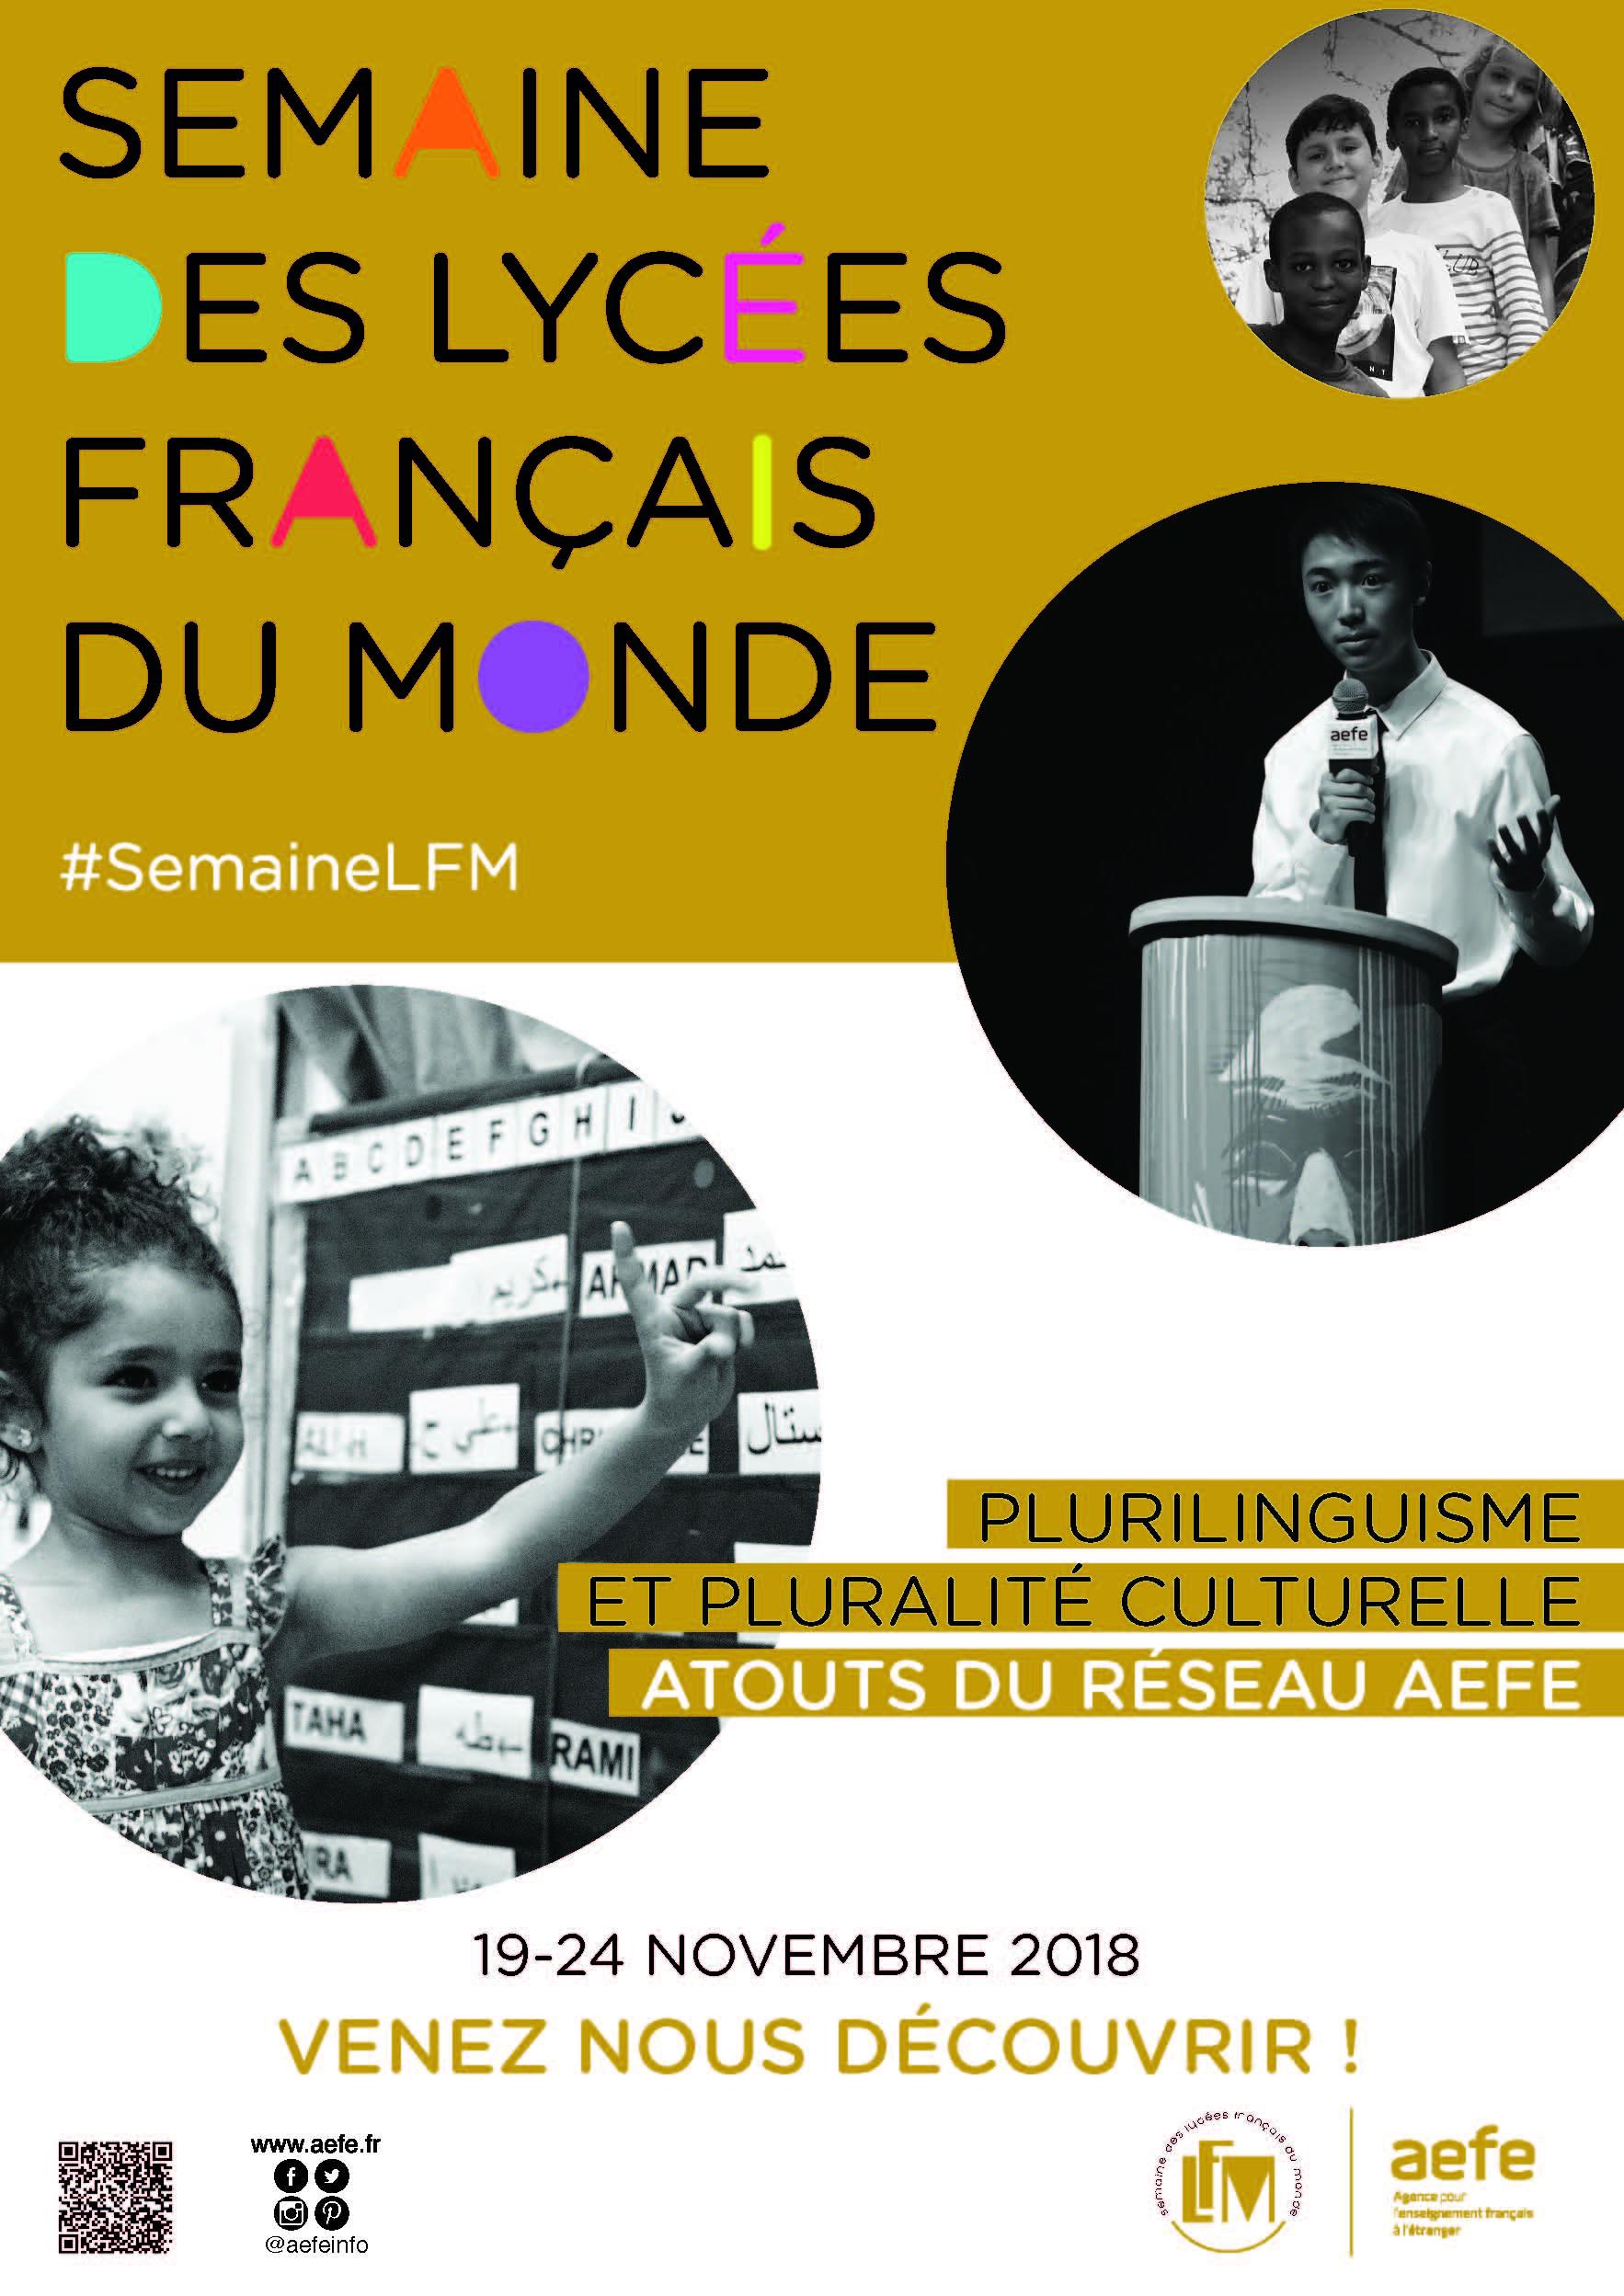 Tenez vous prêts pour la Semaine des lycées français du monde !